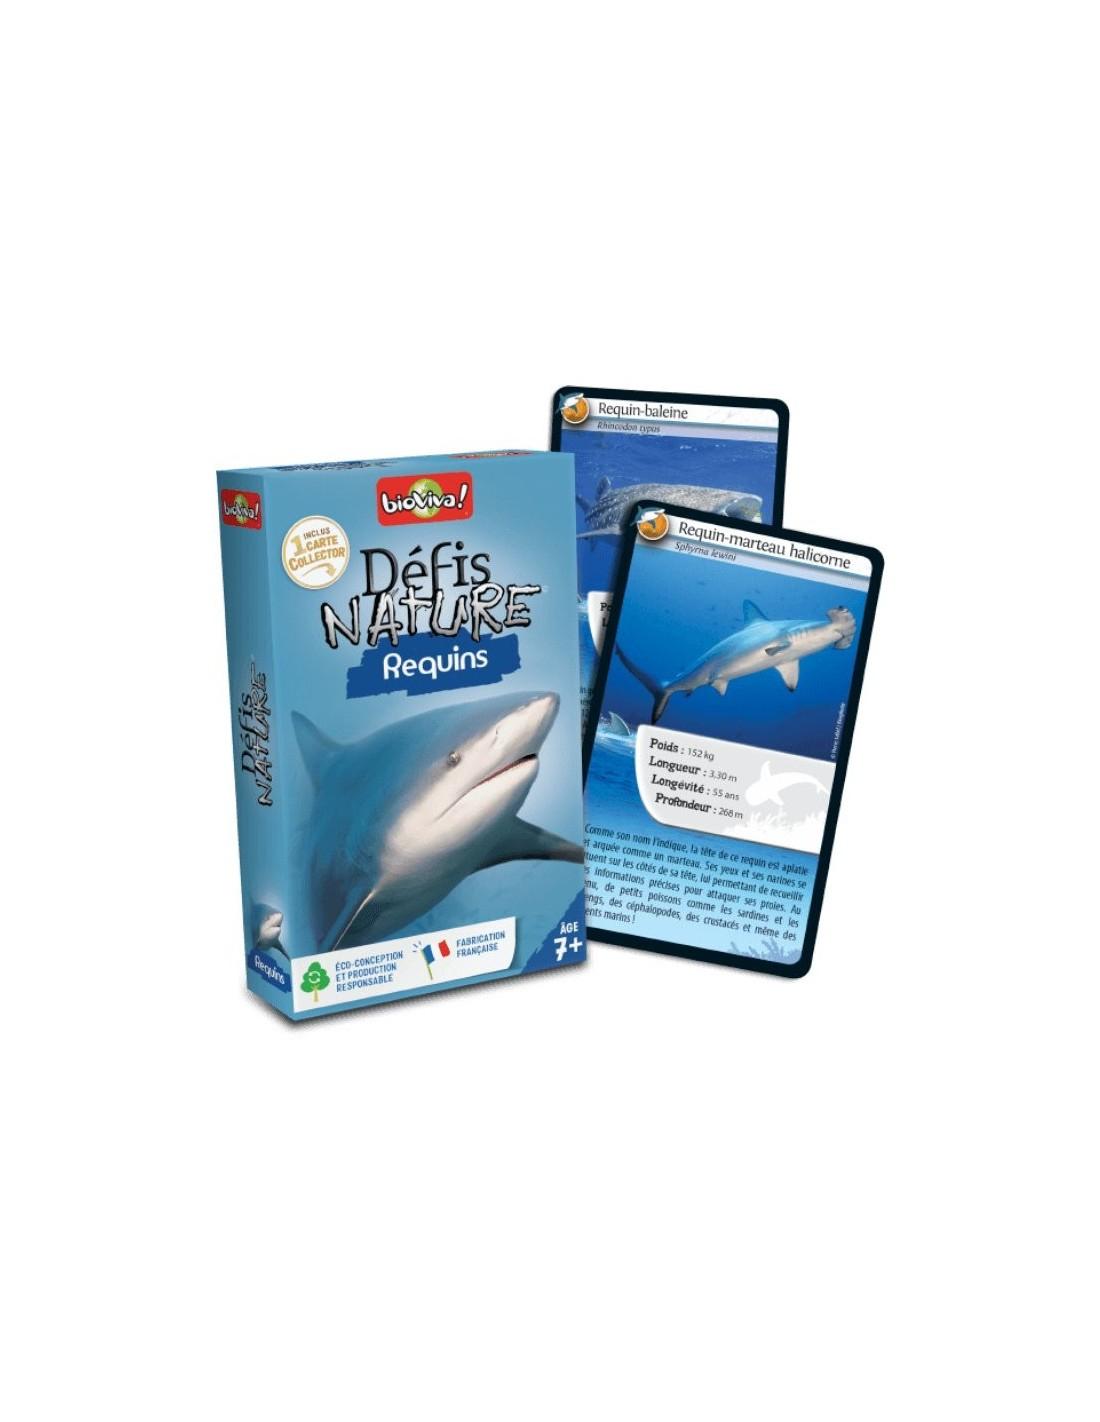 Défis Nature Requins - Bioviva intérieur Jeu De Societe Requin